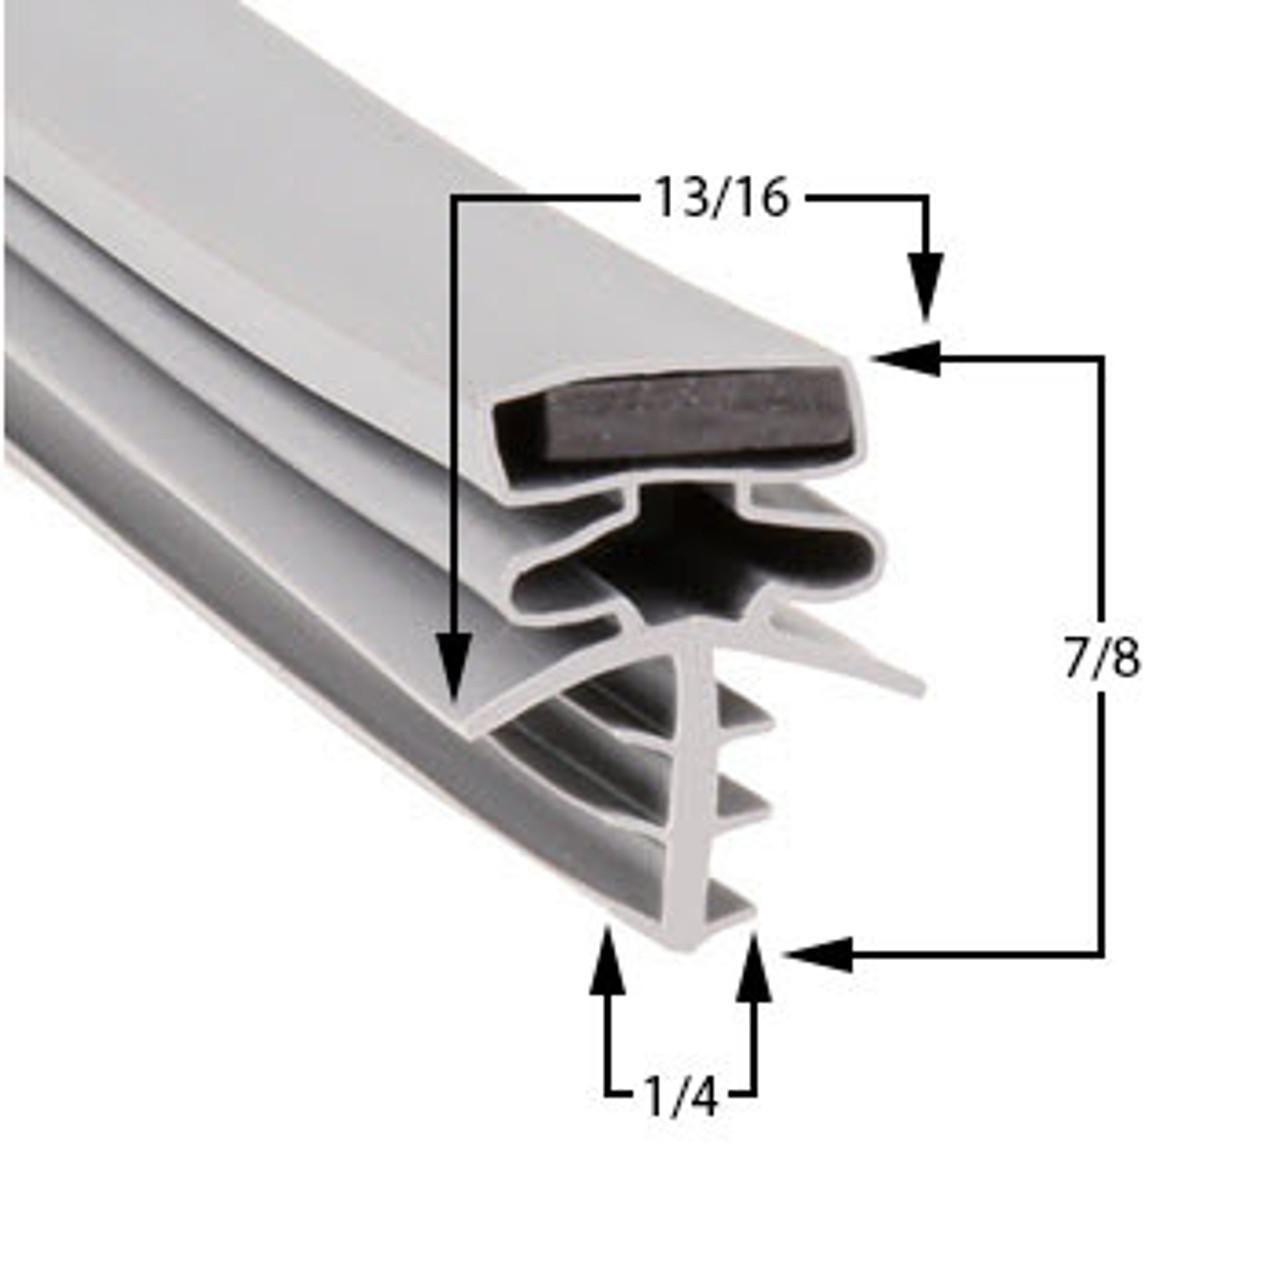 Bally Door Gasket Profile 301 31 1/2 x 77 1/2